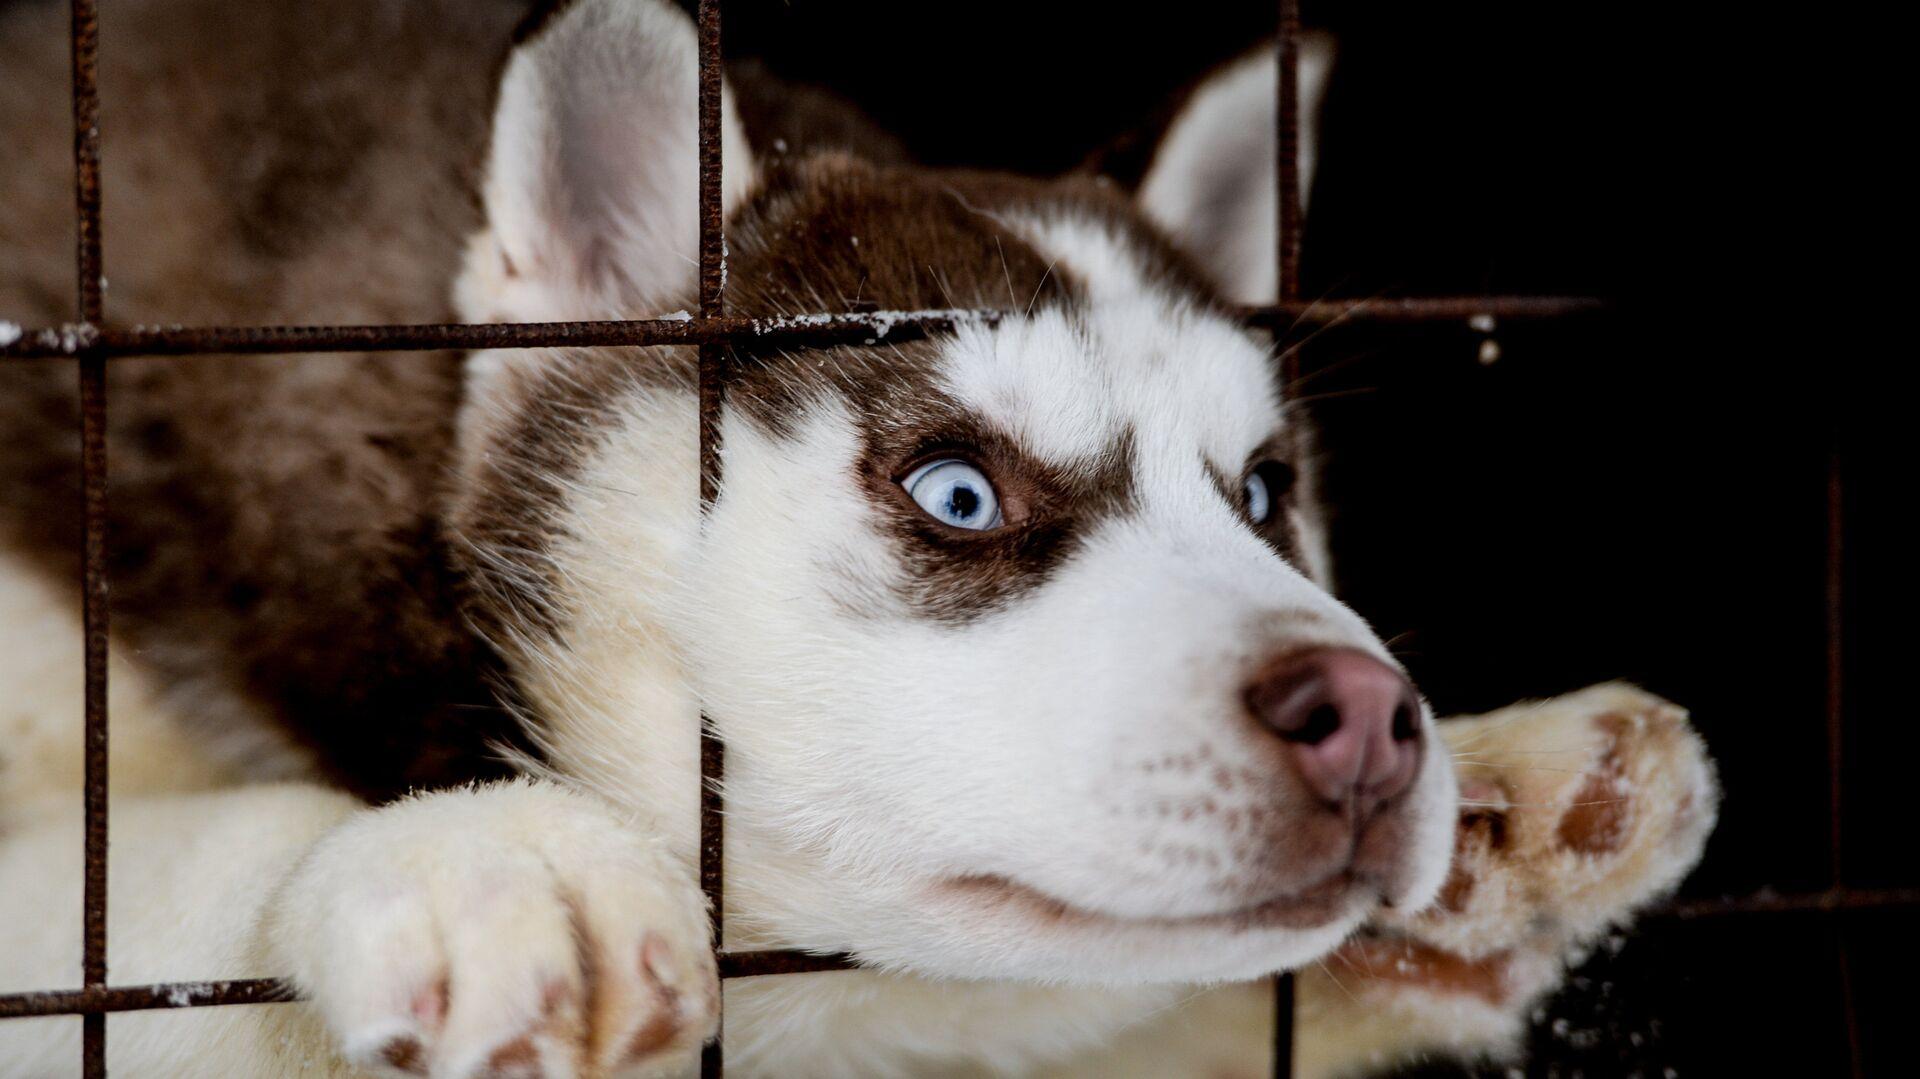 Собака в питомнике - РИА Новости, 1920, 02.08.2021